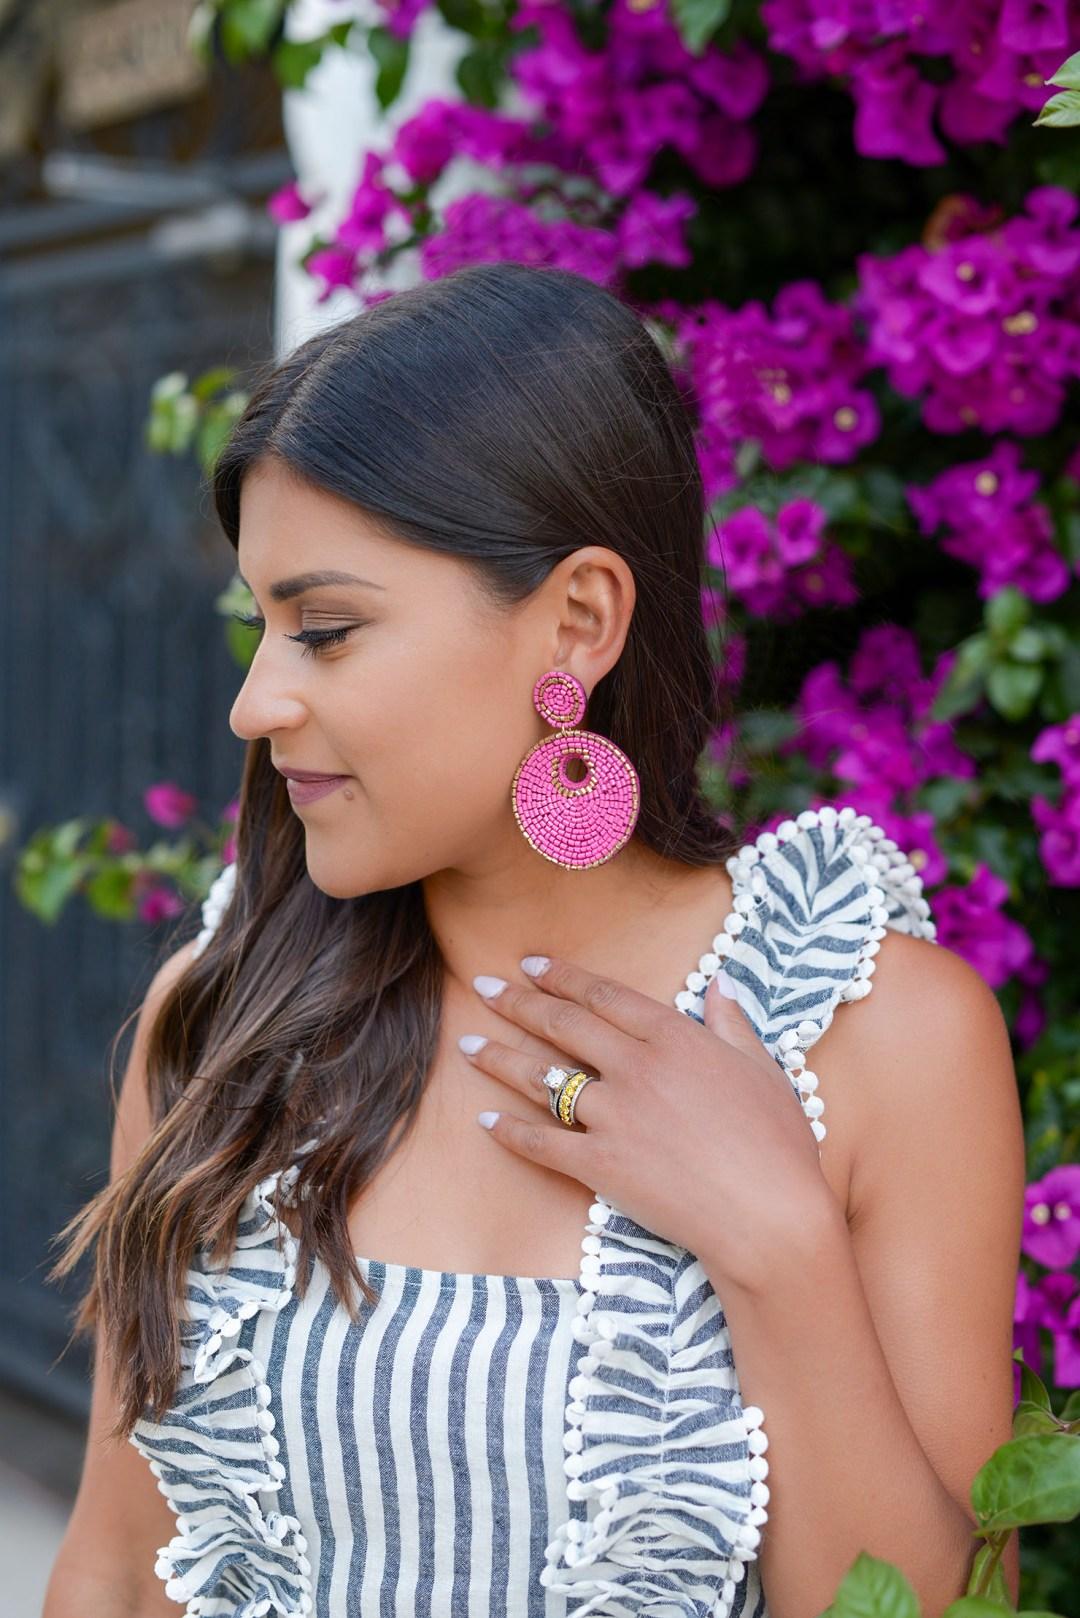 Lifestyle blogger Kelsey Kaplan of Kelsey Kaplan Fashion wearing VICI pink beaded earrings